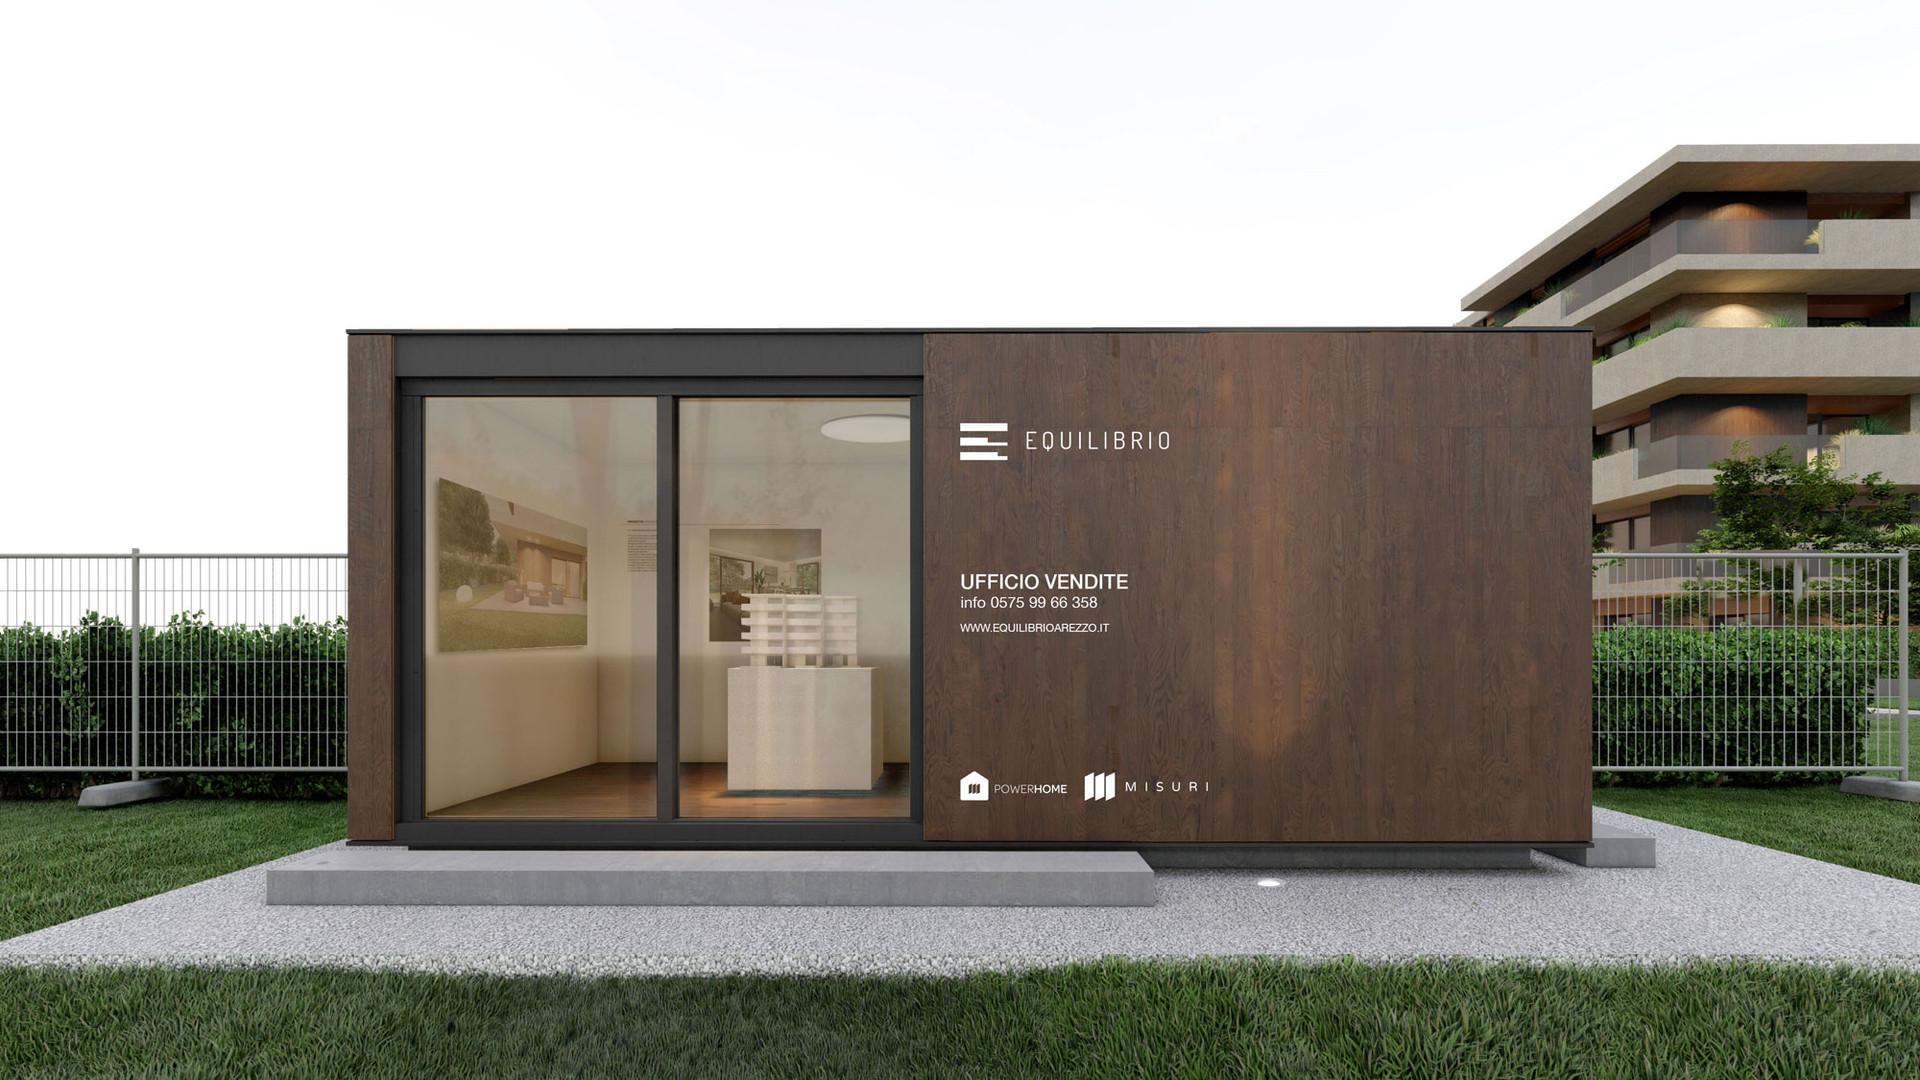 Unless Design Studio | ufficio vendite equilibrio arezzo